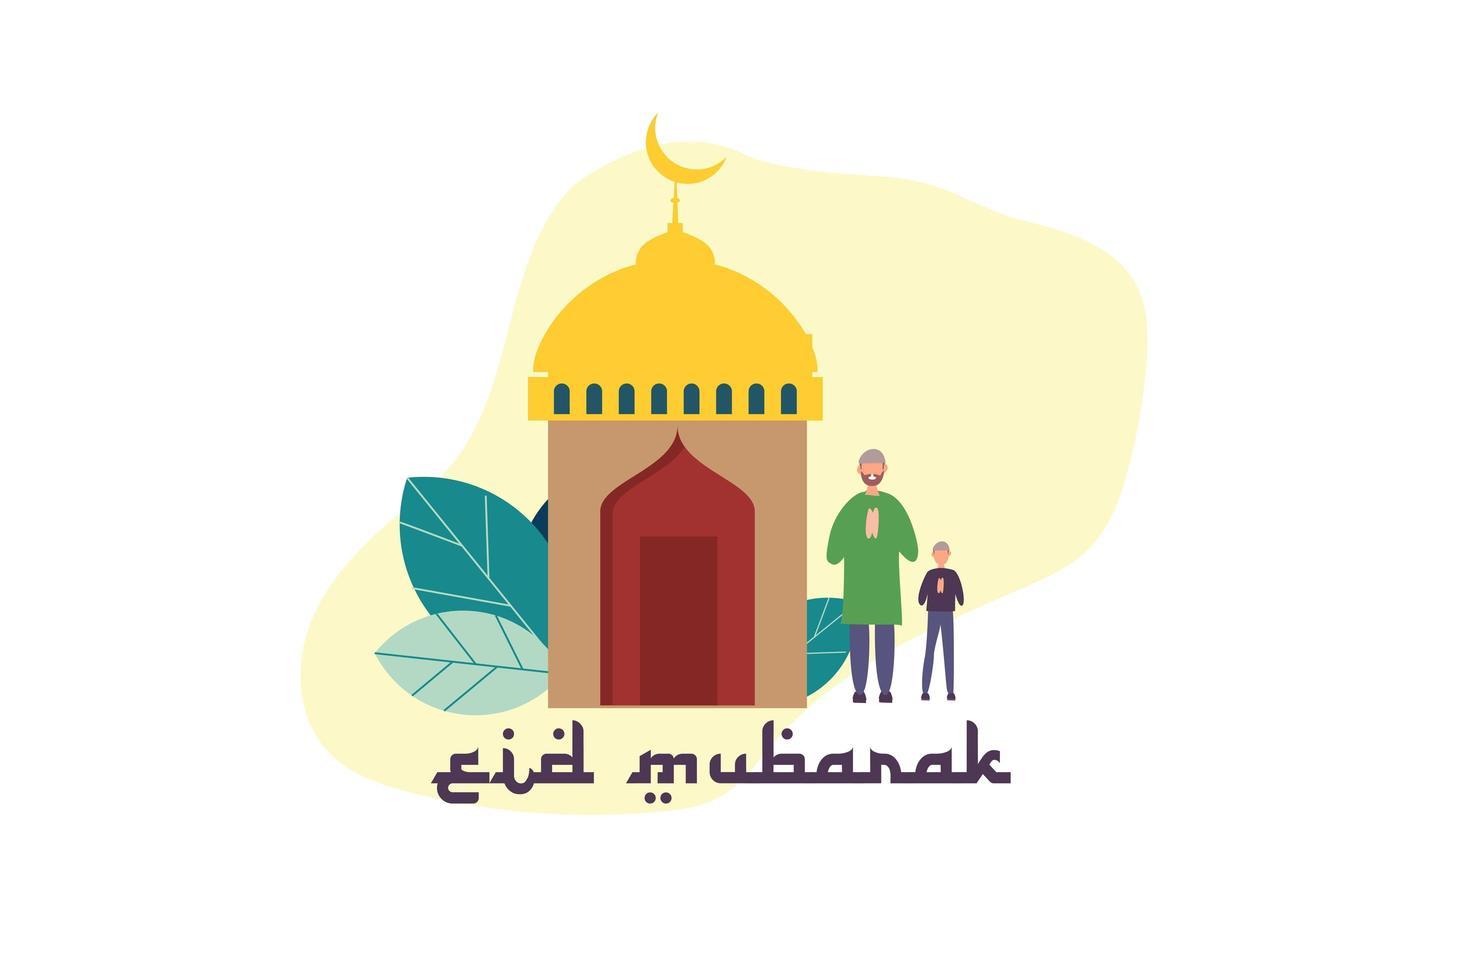 eid mubarak poster con minuscole persone vettore